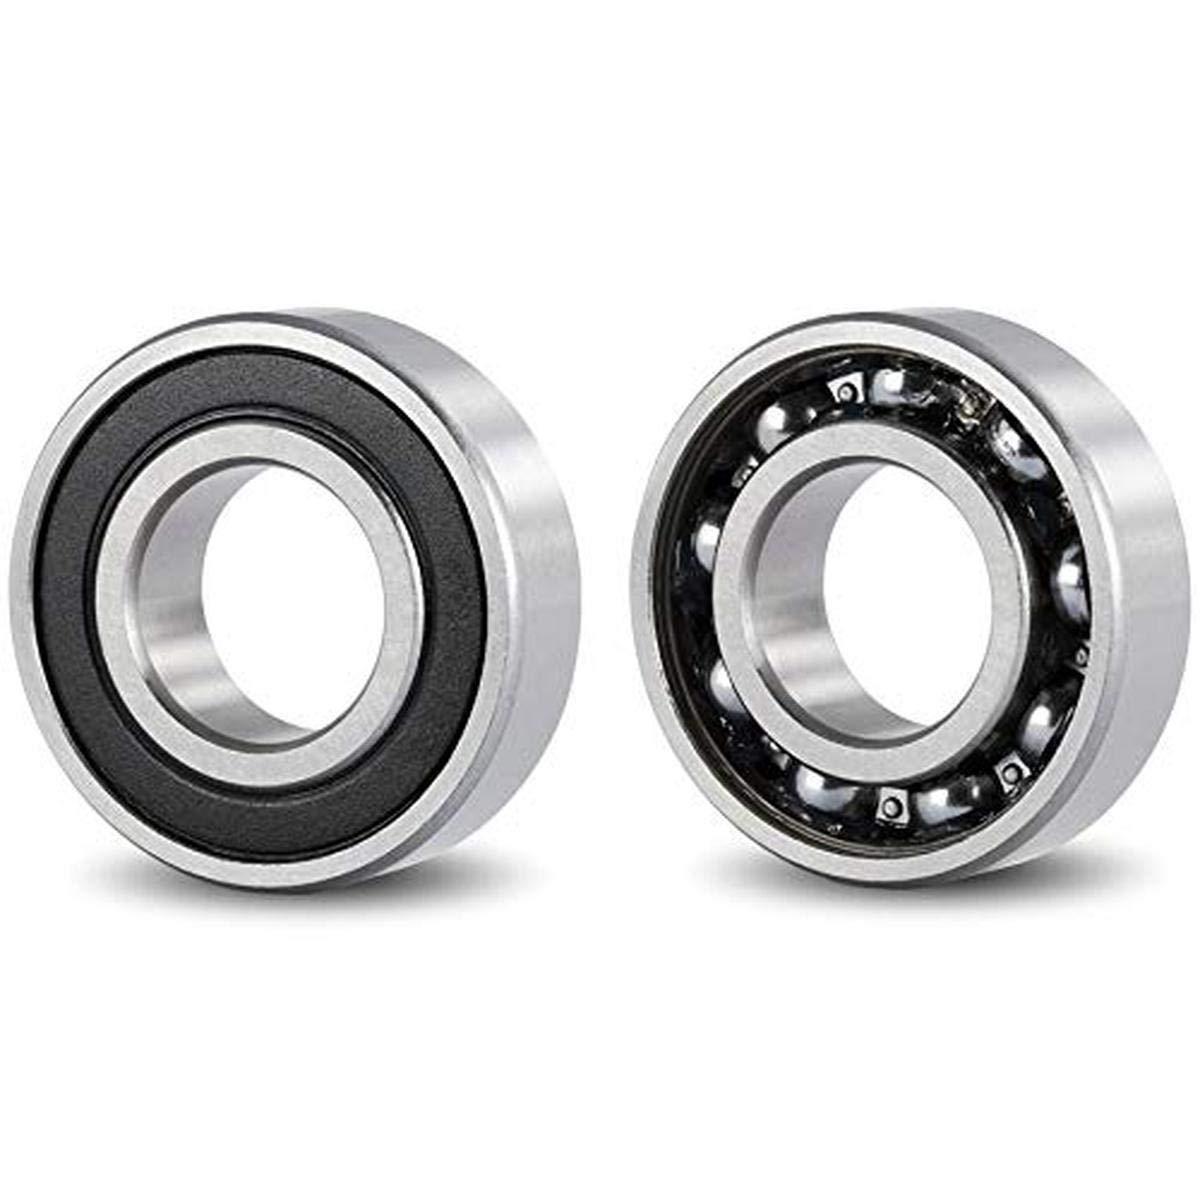 DOJA Industrial |Rodamiento de Bolas 6002 2RS C3 | Pack de 2 ...